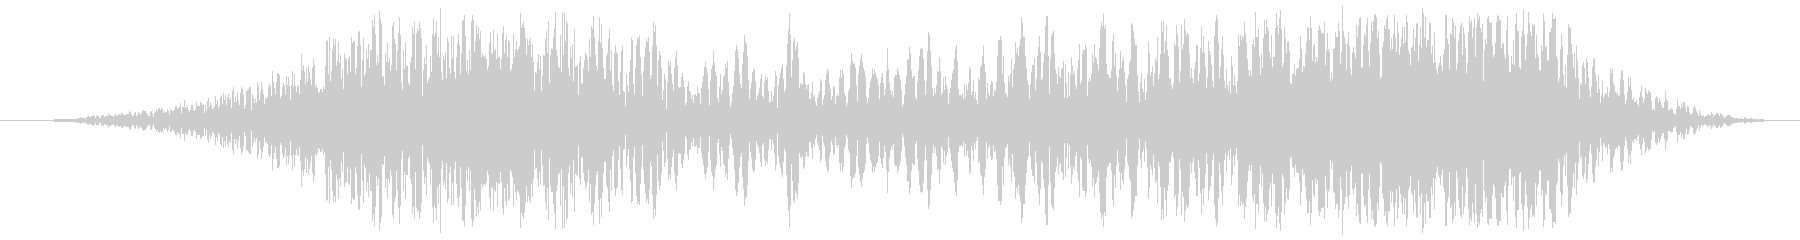 グリッチスキッドスイープの未再生の波形